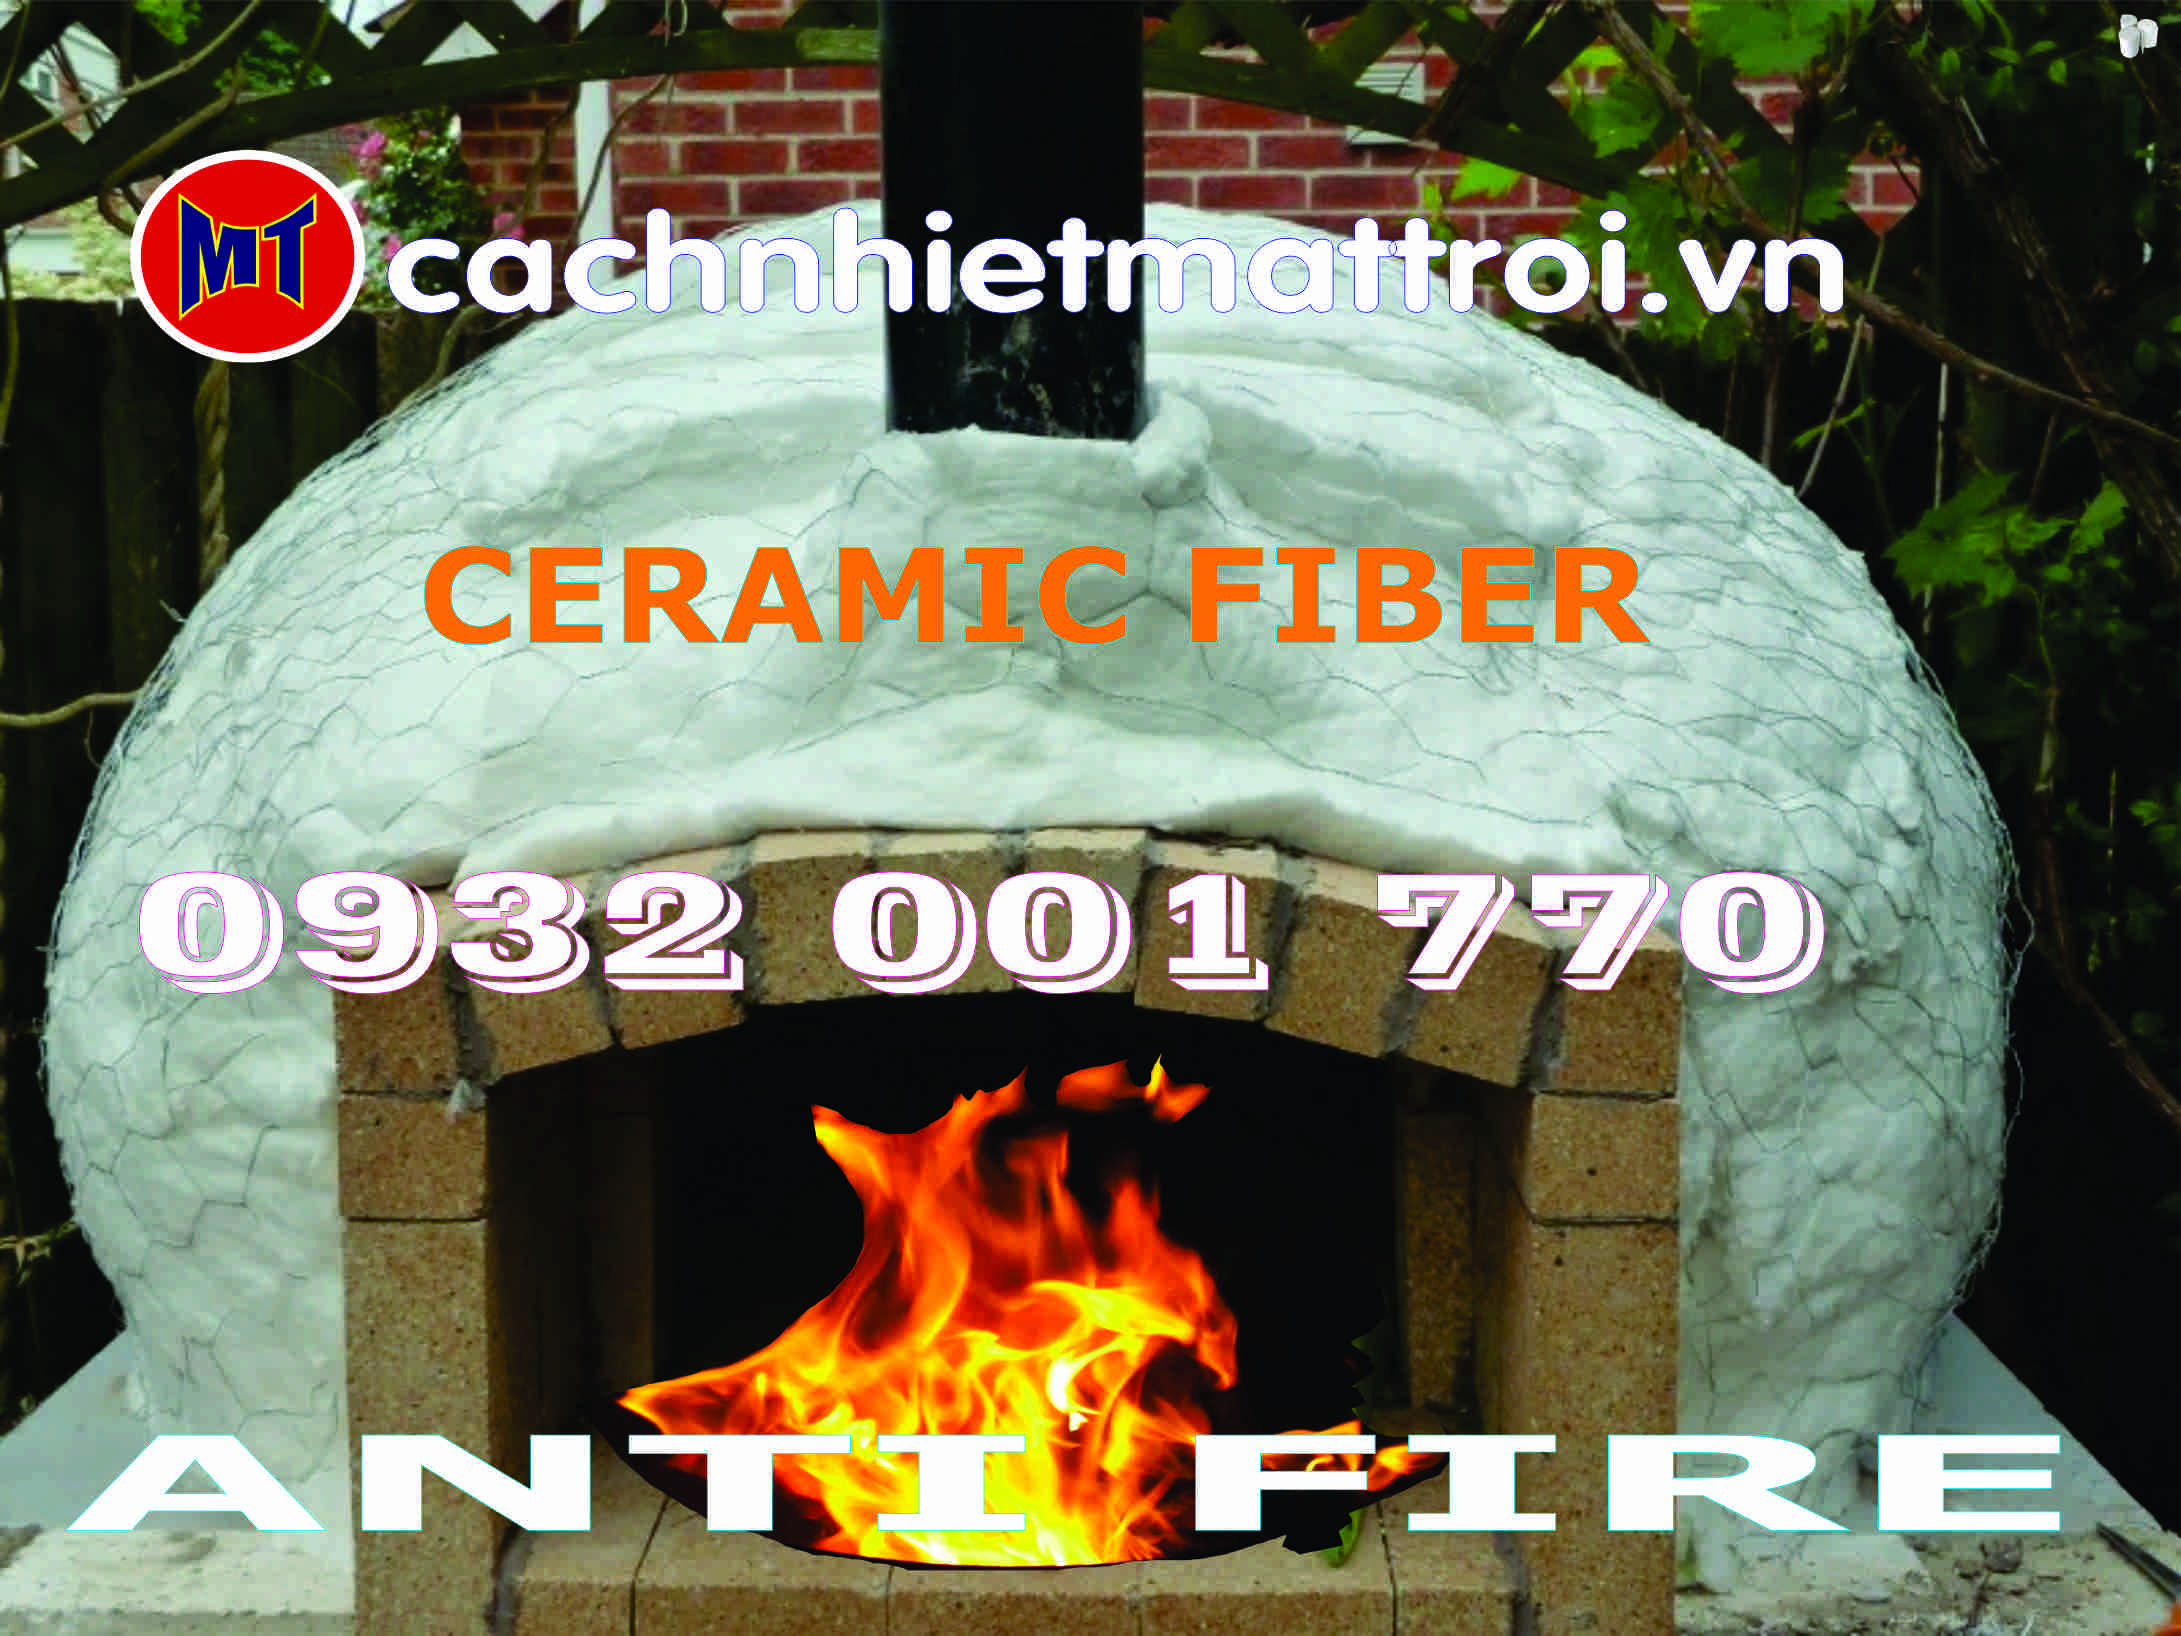 hình 3 Bông sợi Gốm cách nhiệt - Ceramic Fiber